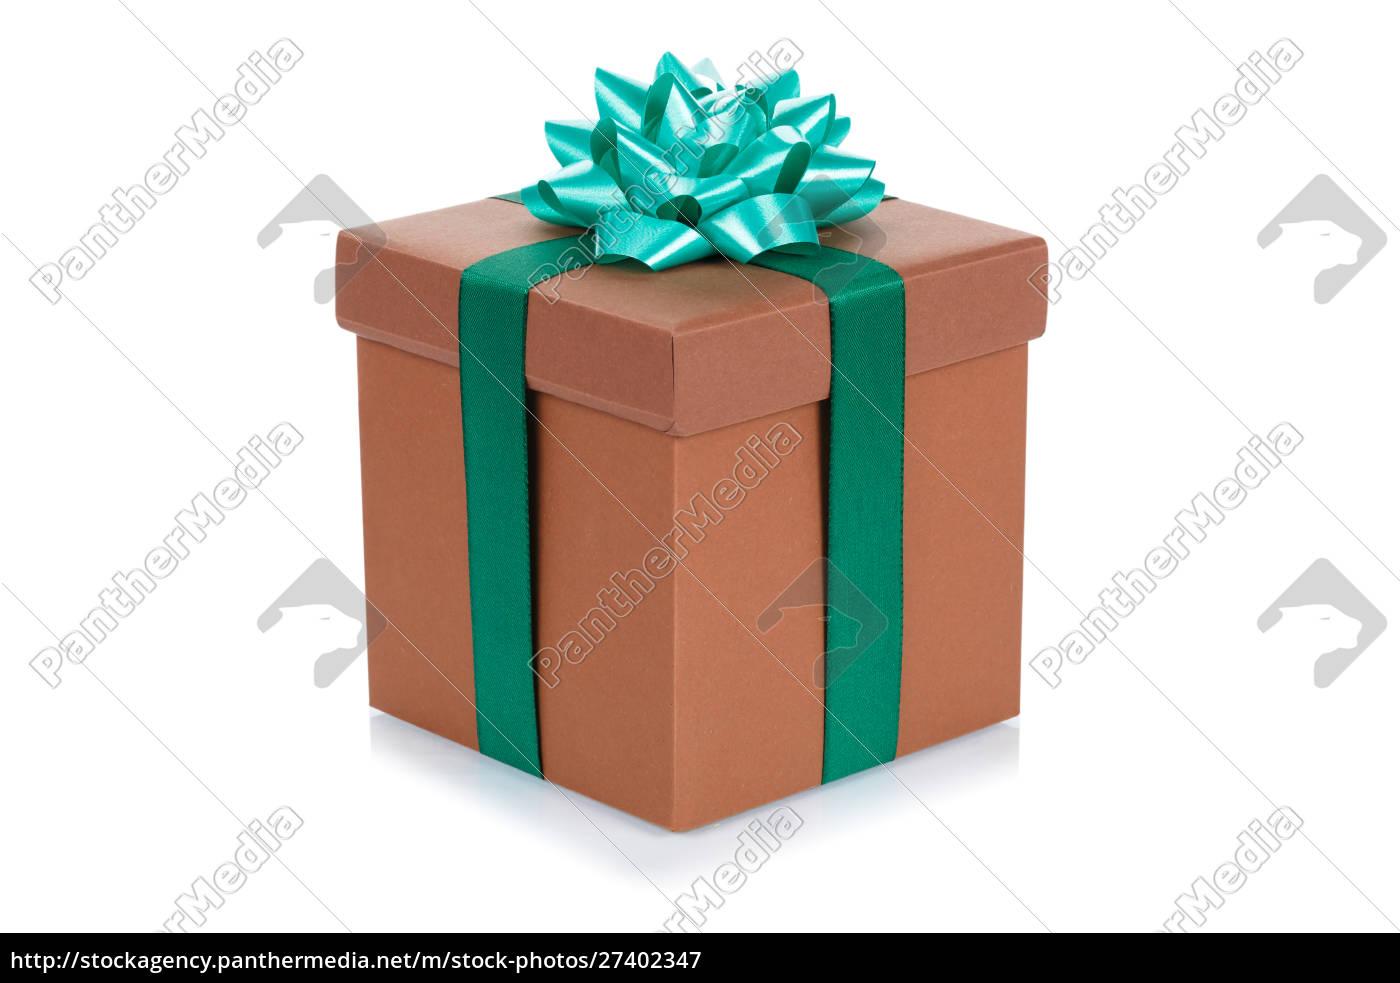 geburtstagsgeschenk, weihnachten, geschenk, braun, ebox, isoliert - 27402347